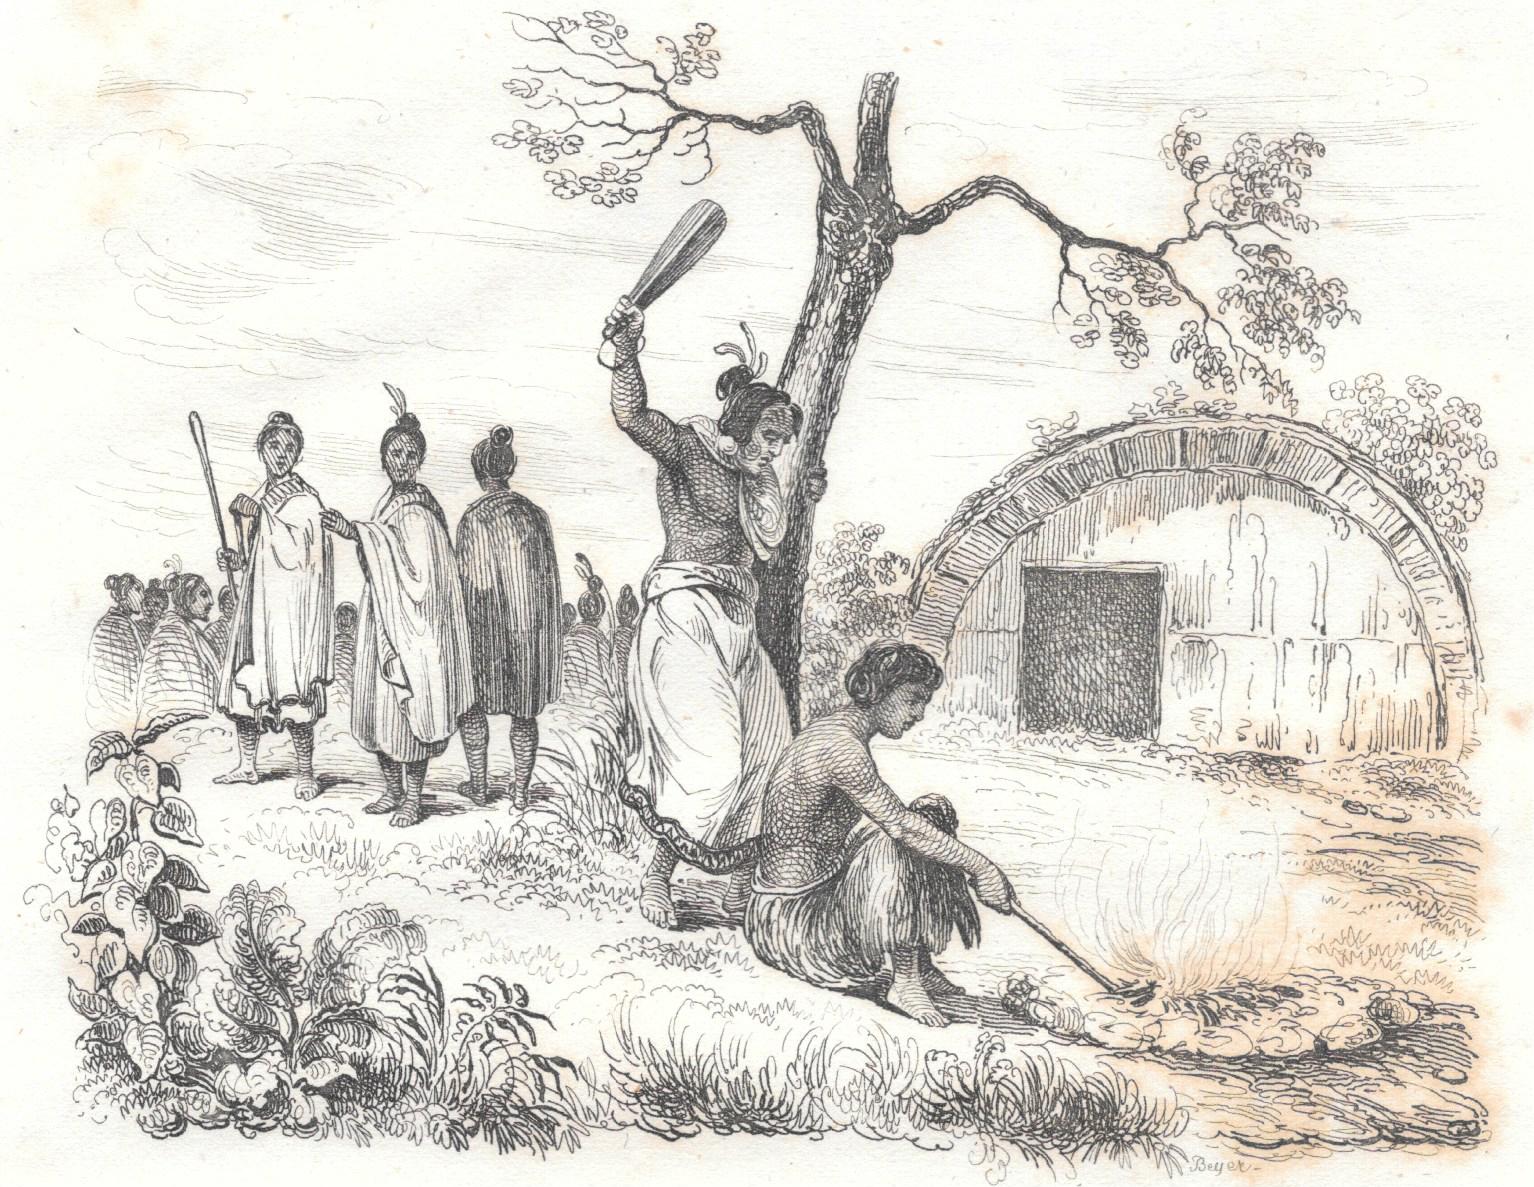 Pour de multiples raisons, dont des motifs cultuels, les Maoris pratiquaient des sacrifices humains et dévoraient les sacrifiés ; cette gravure représente la mise à mort d'une victime.